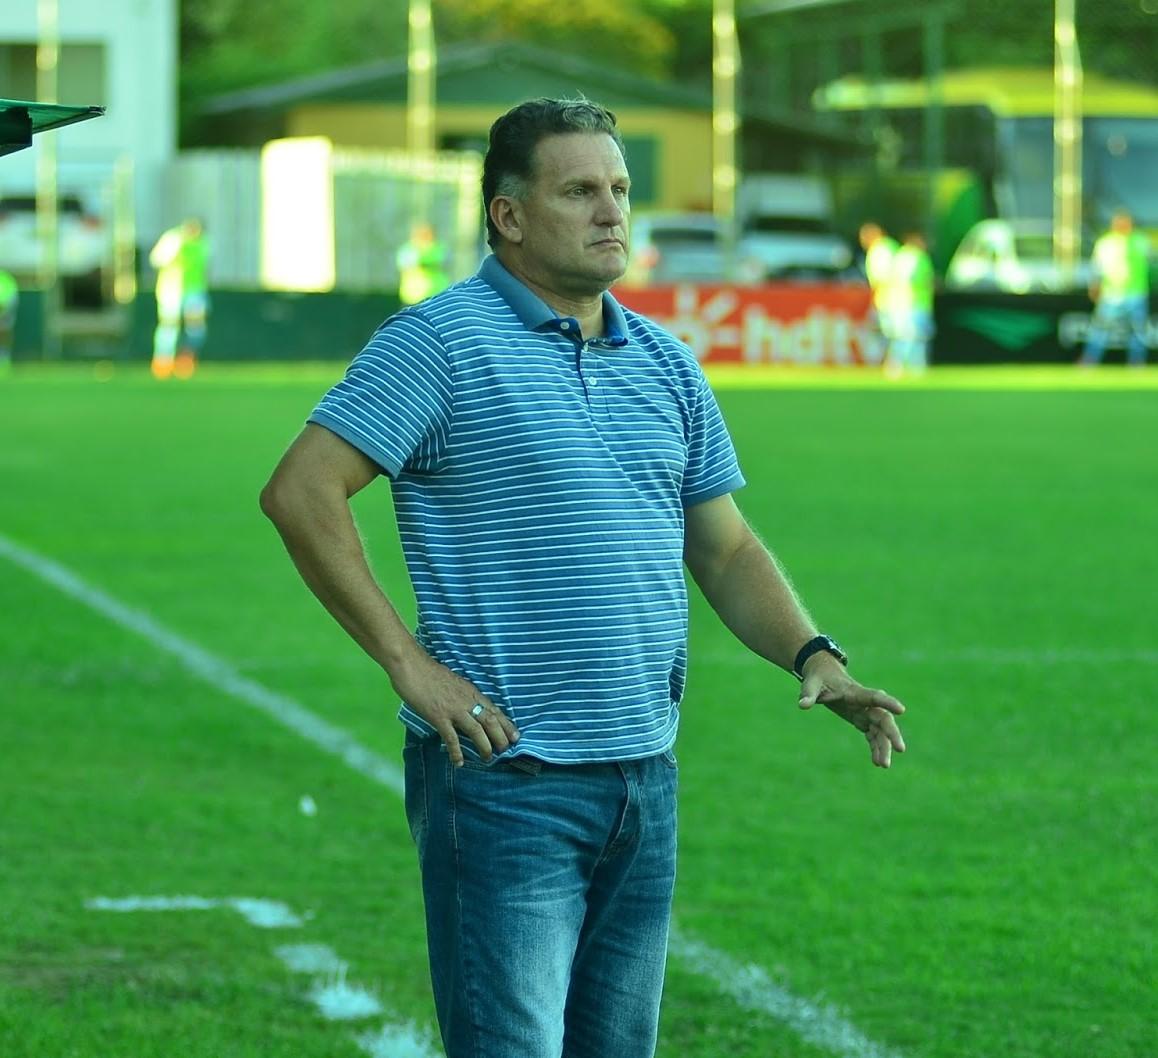 Técnico Ben Hur Pereira está confiante para a sequência do Cruzeiro no  Campeonato Gaúcho! e85e3f98d0c12